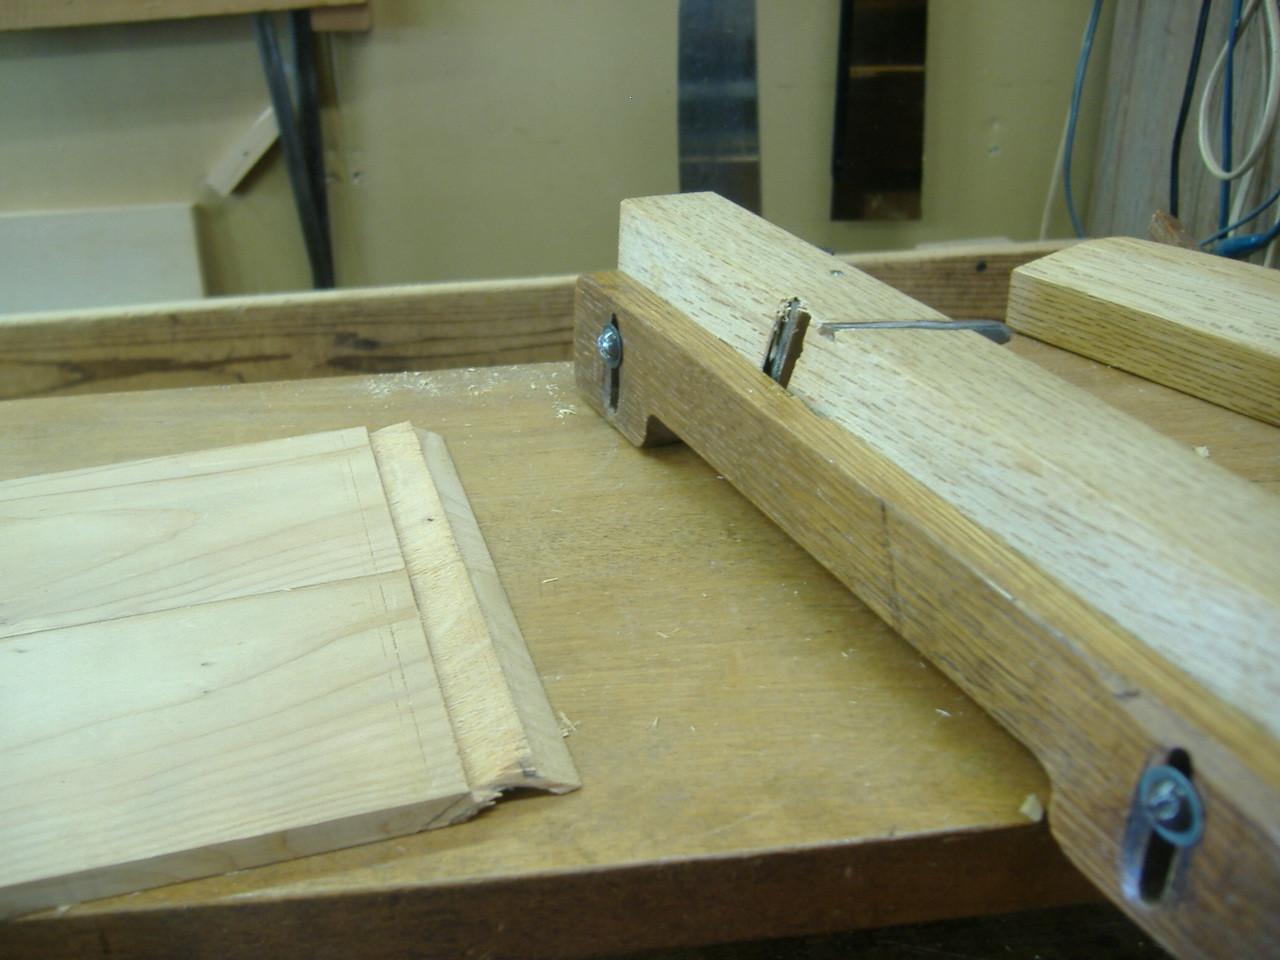 仏壇洗濯・修理 外側の羽のような部分を、特殊な「際カンナ」で削っていきます。